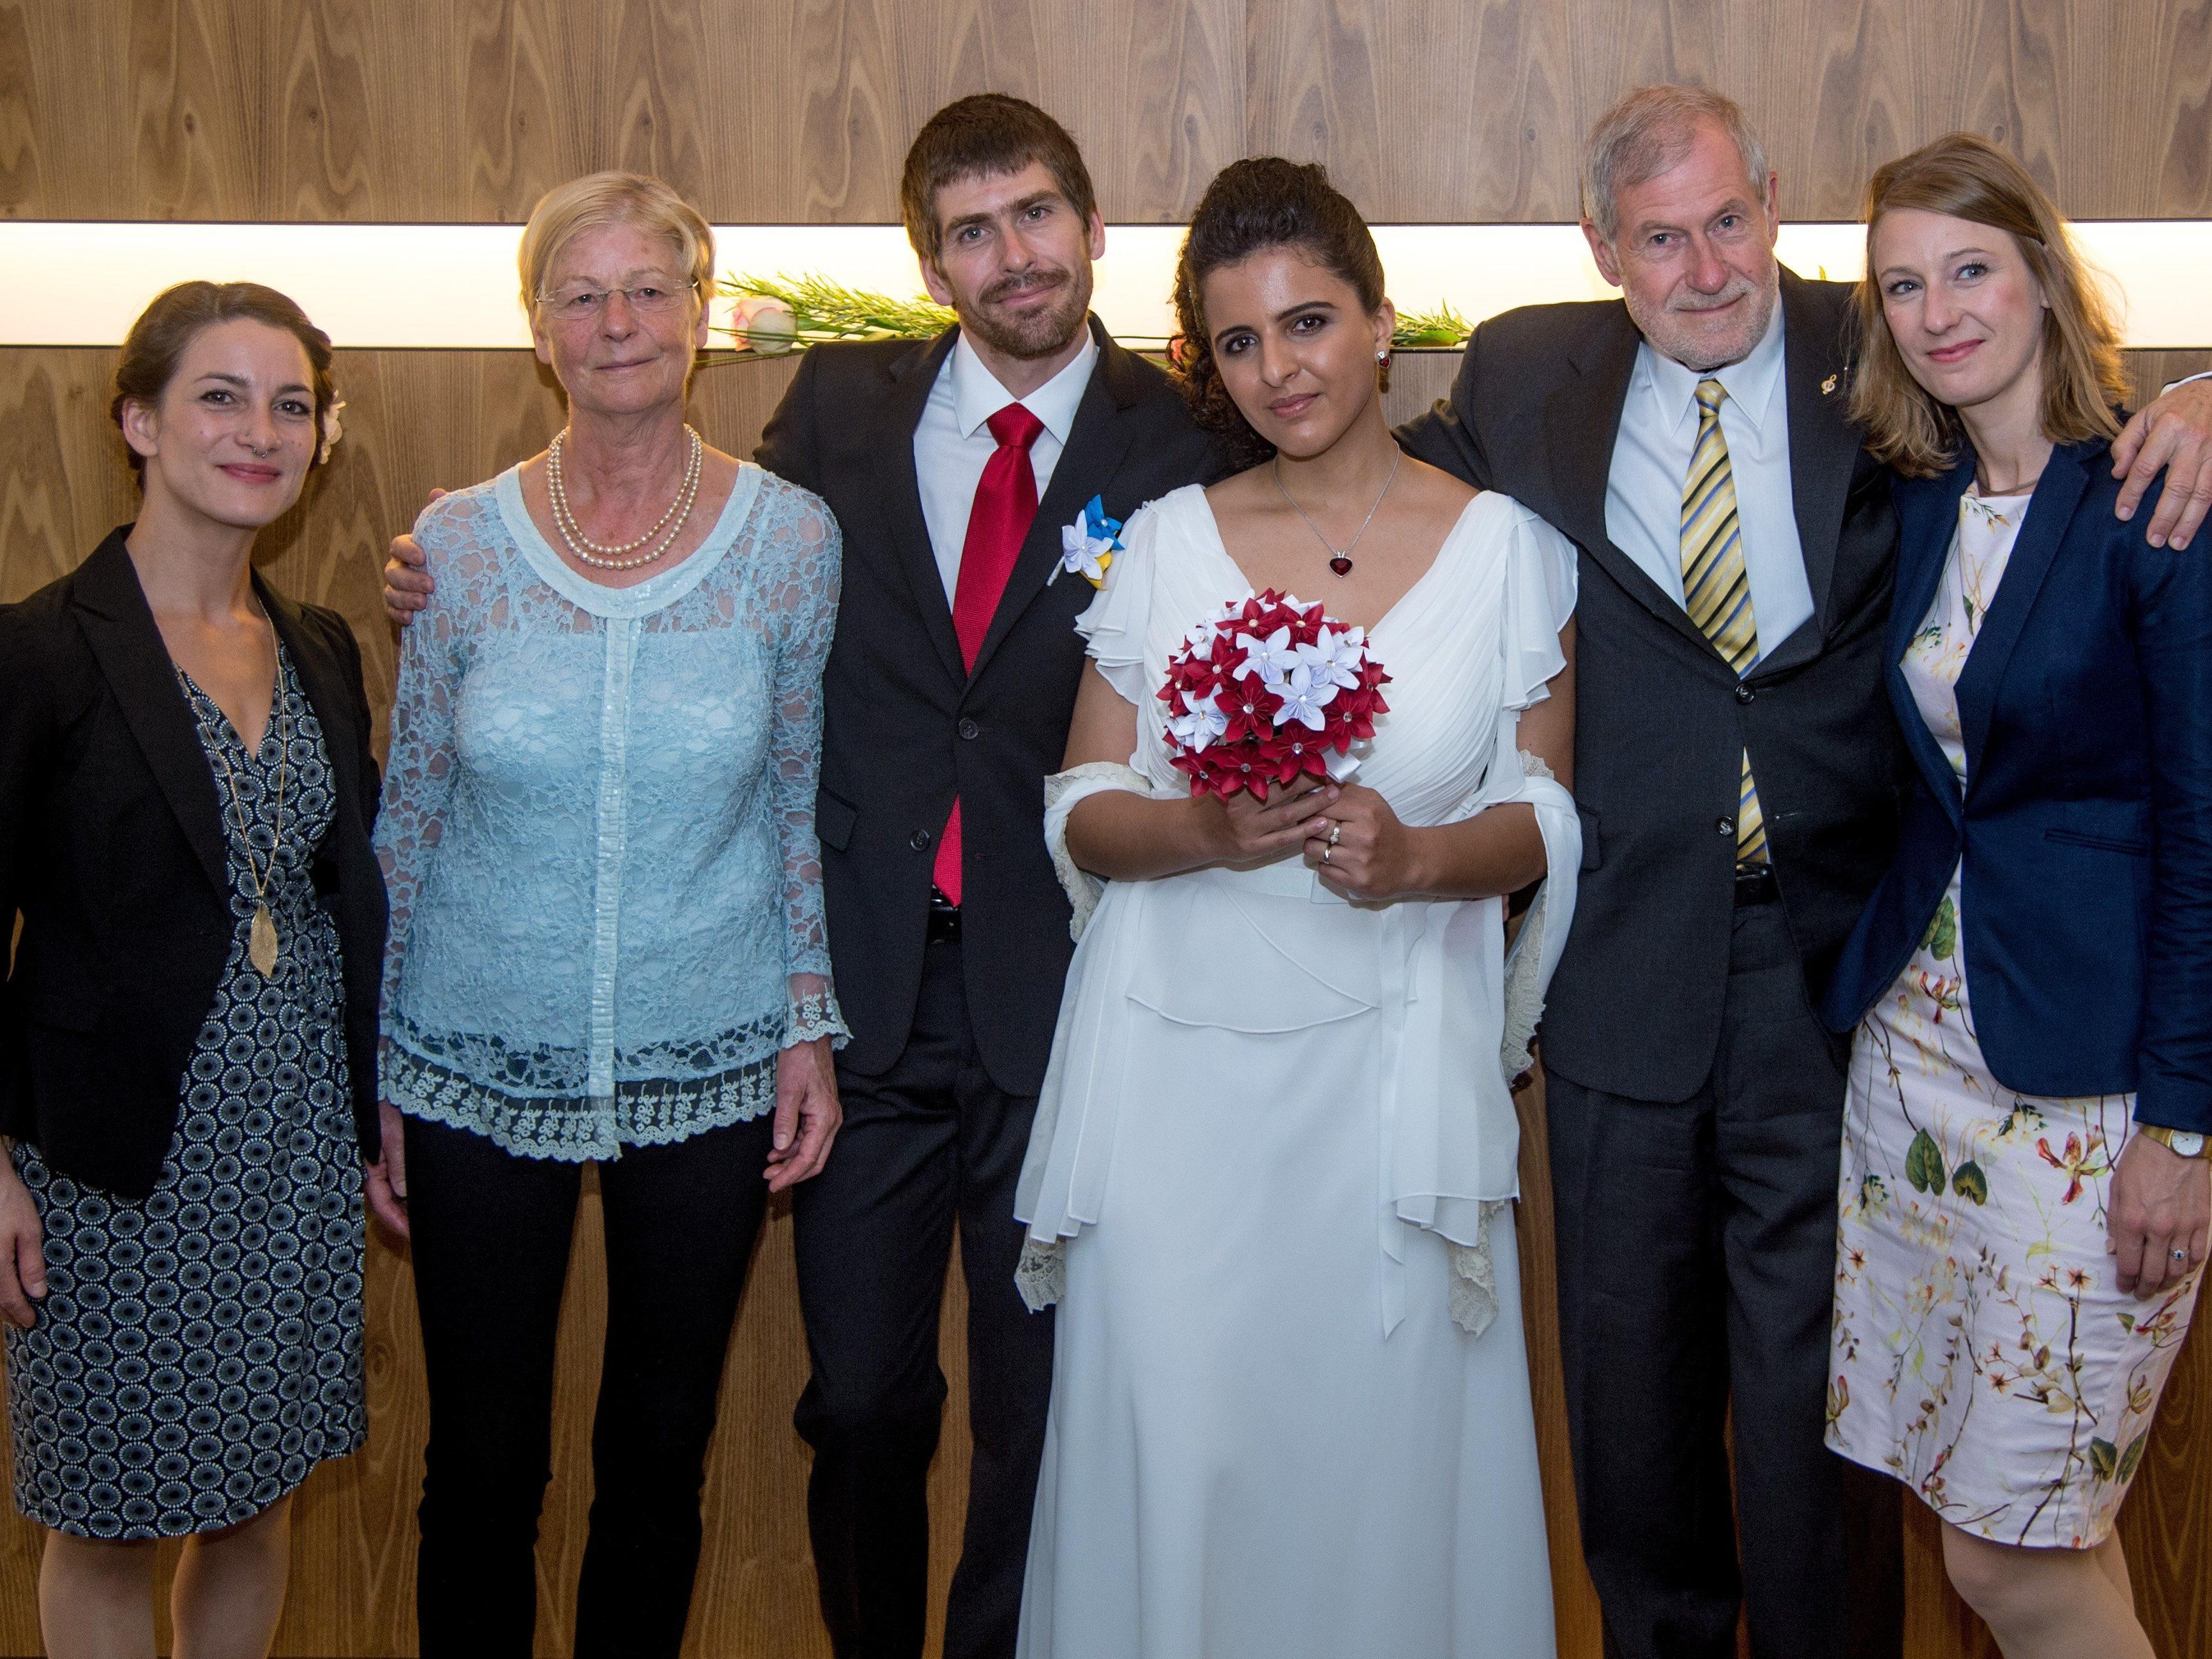 Das glückliche Paar mit den Trauzeugen und Hochzeitsgästen.